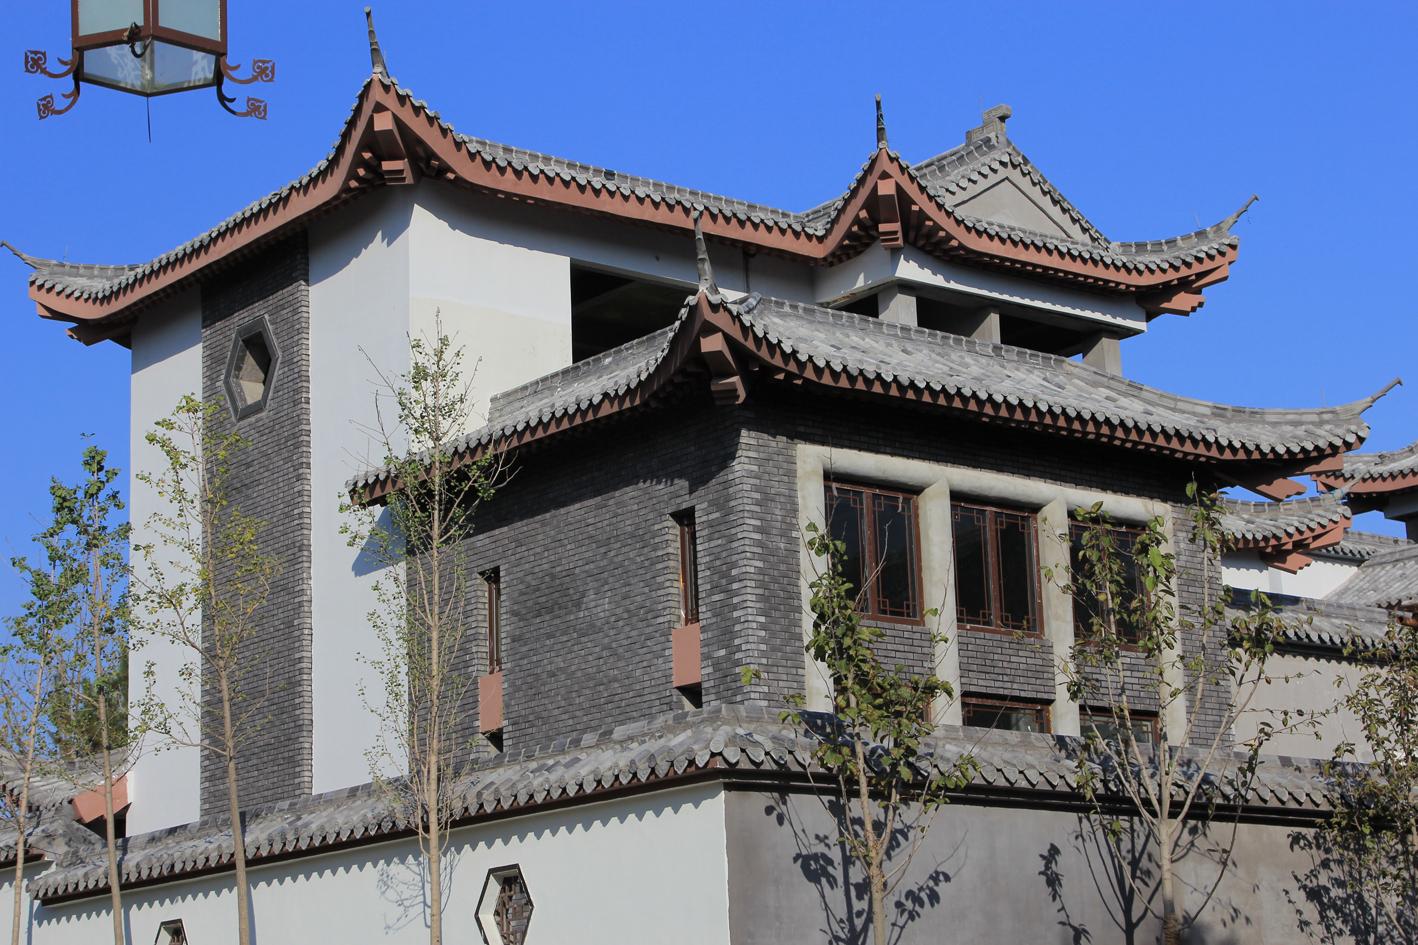 Changshui, qingdao, Shandong